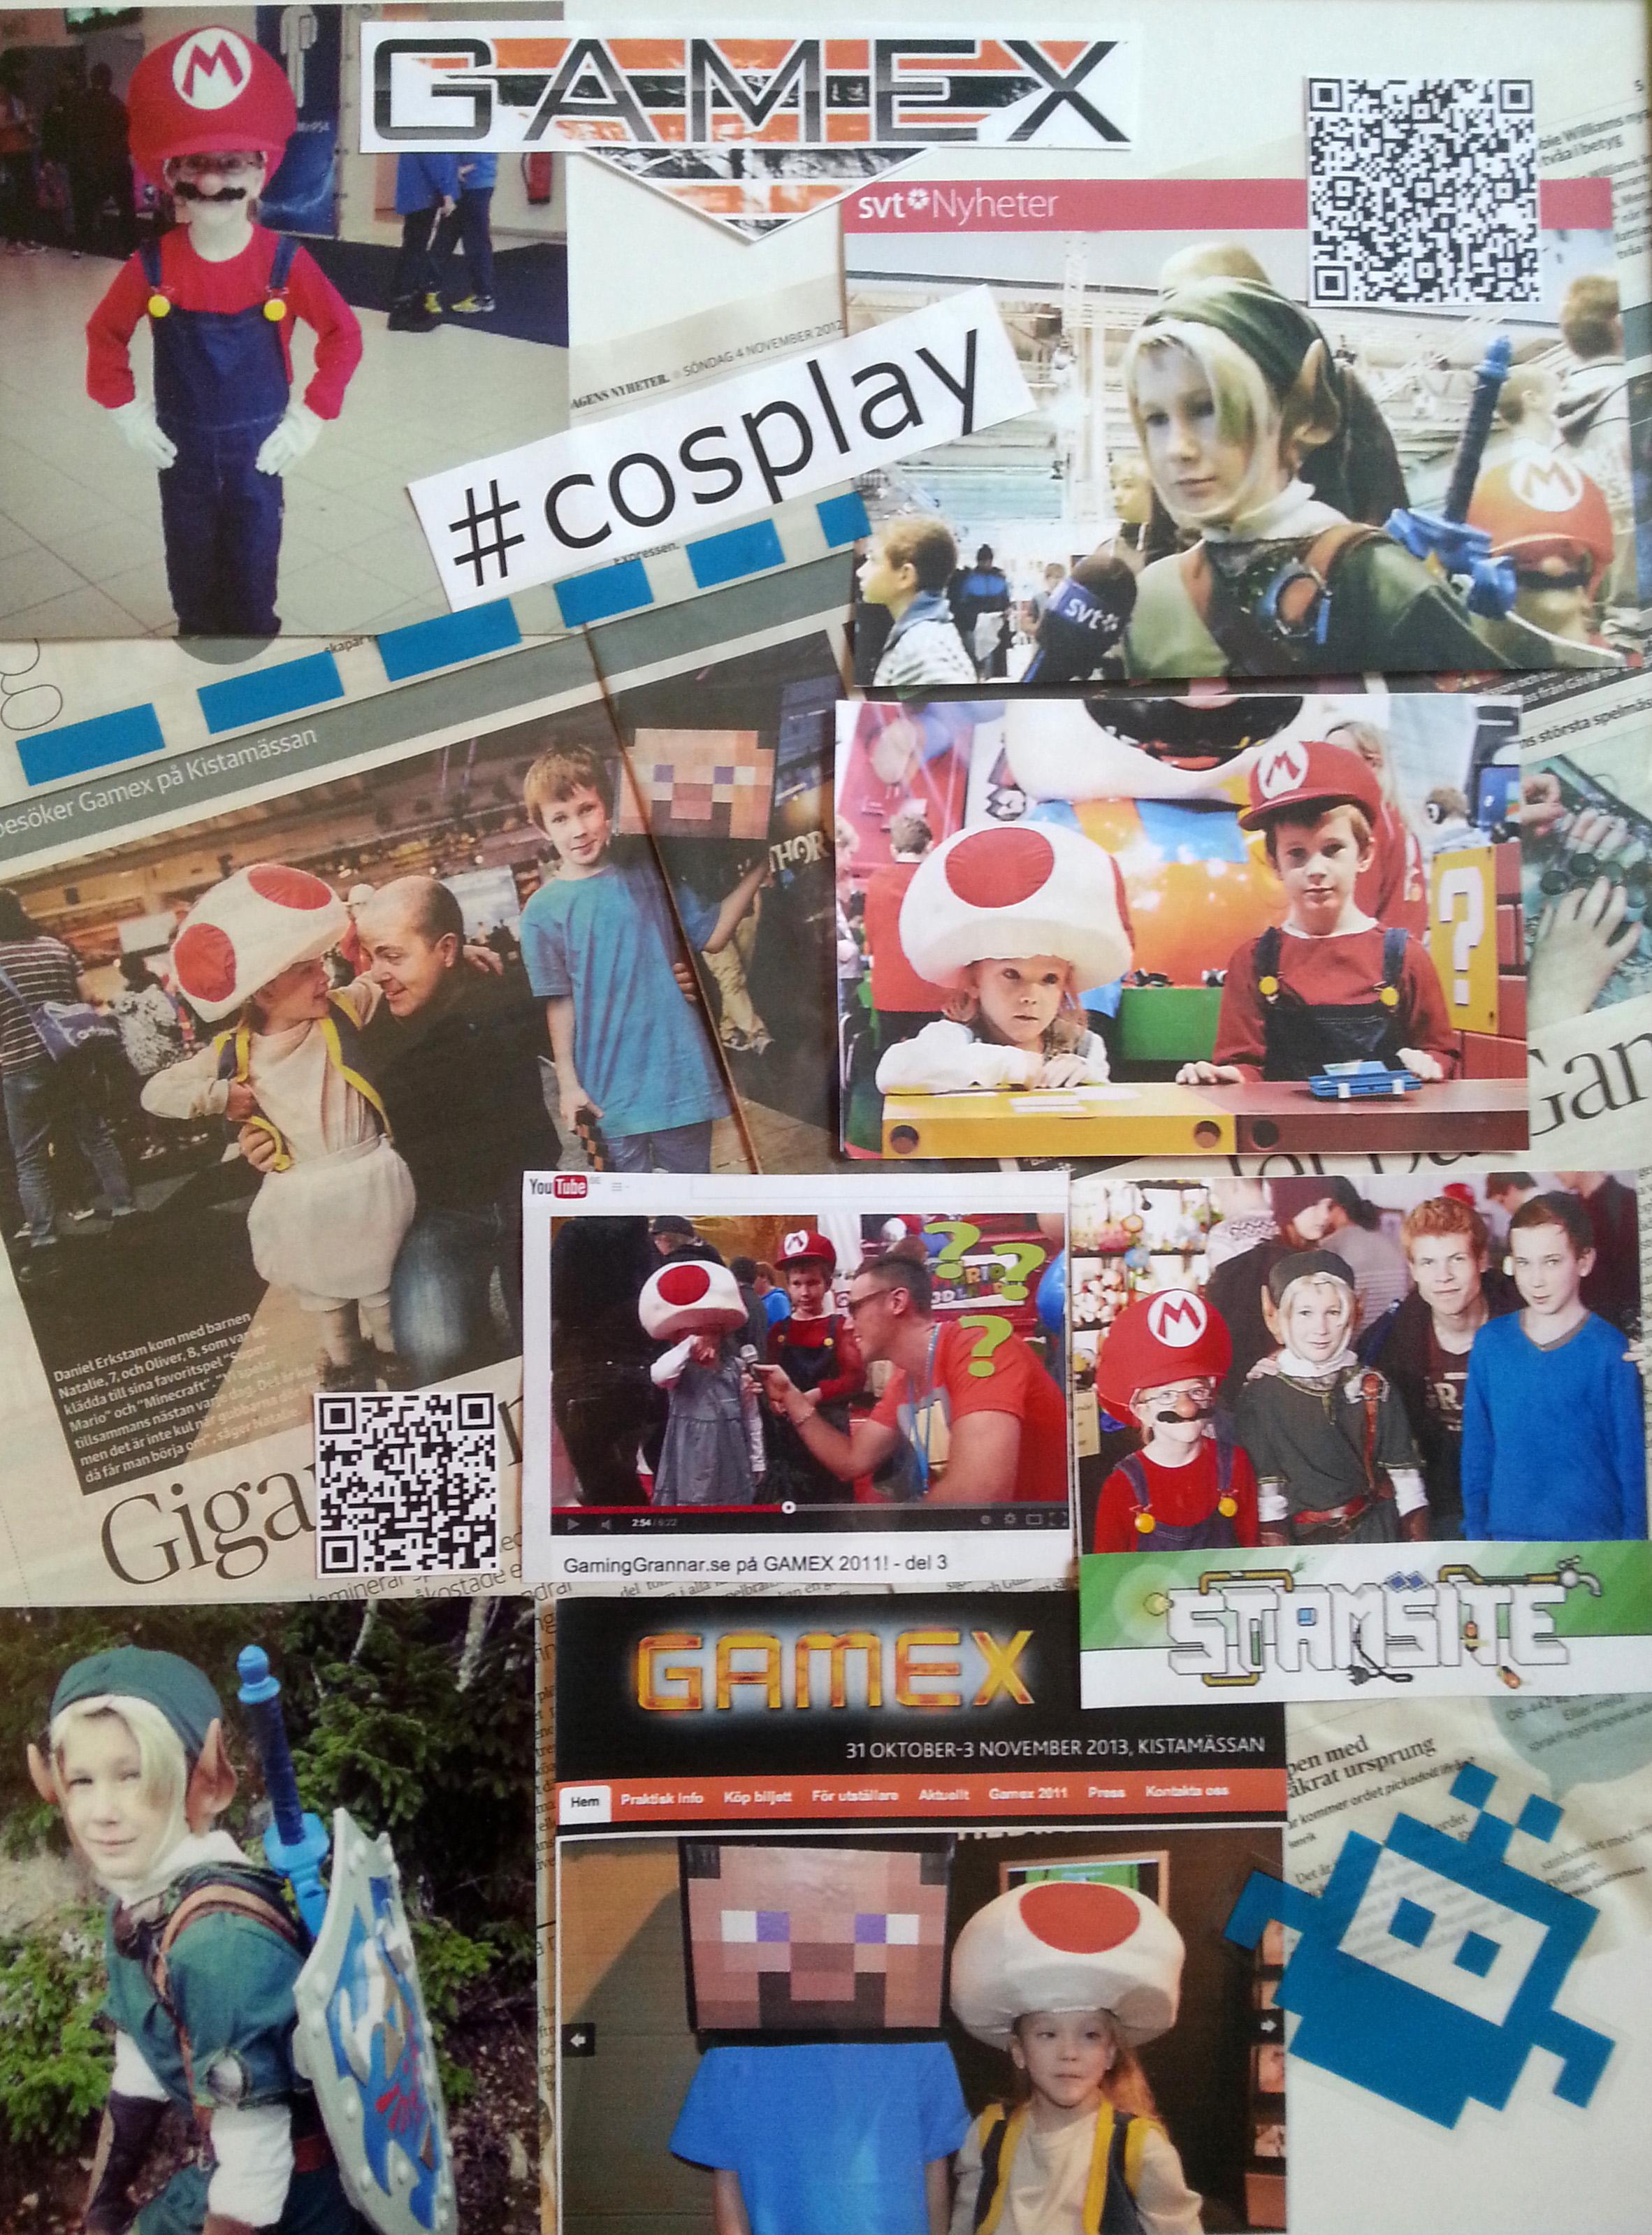 Kollage med våra tre år på Gamex med olika Cosplay-dräkter varje år.  Testa qr-koderna som leder till nyhetsinslag på SVT och en videoblogg där barnen är med.